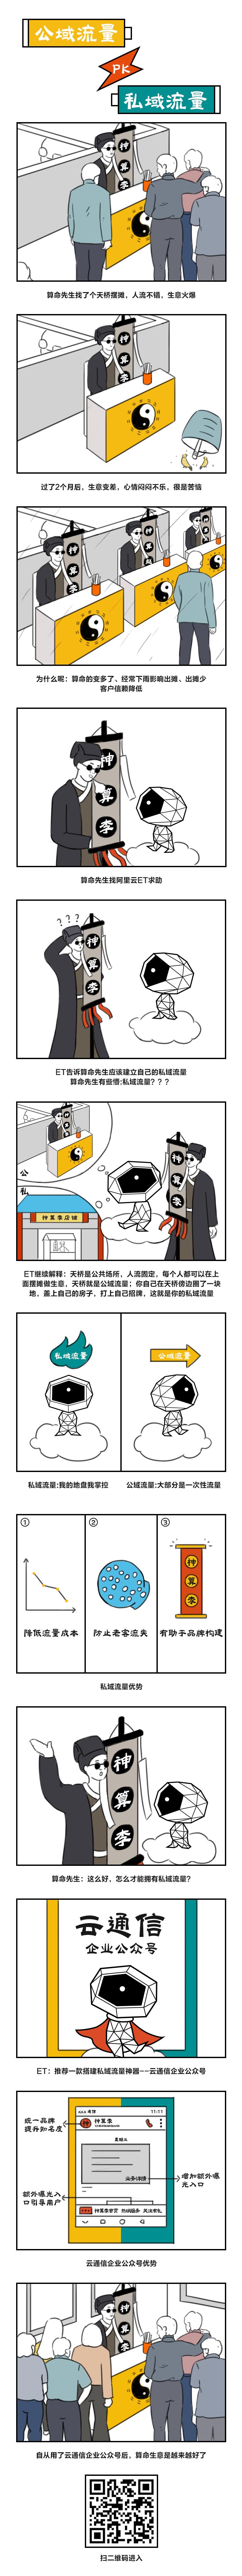 云通信条漫-1.jpg